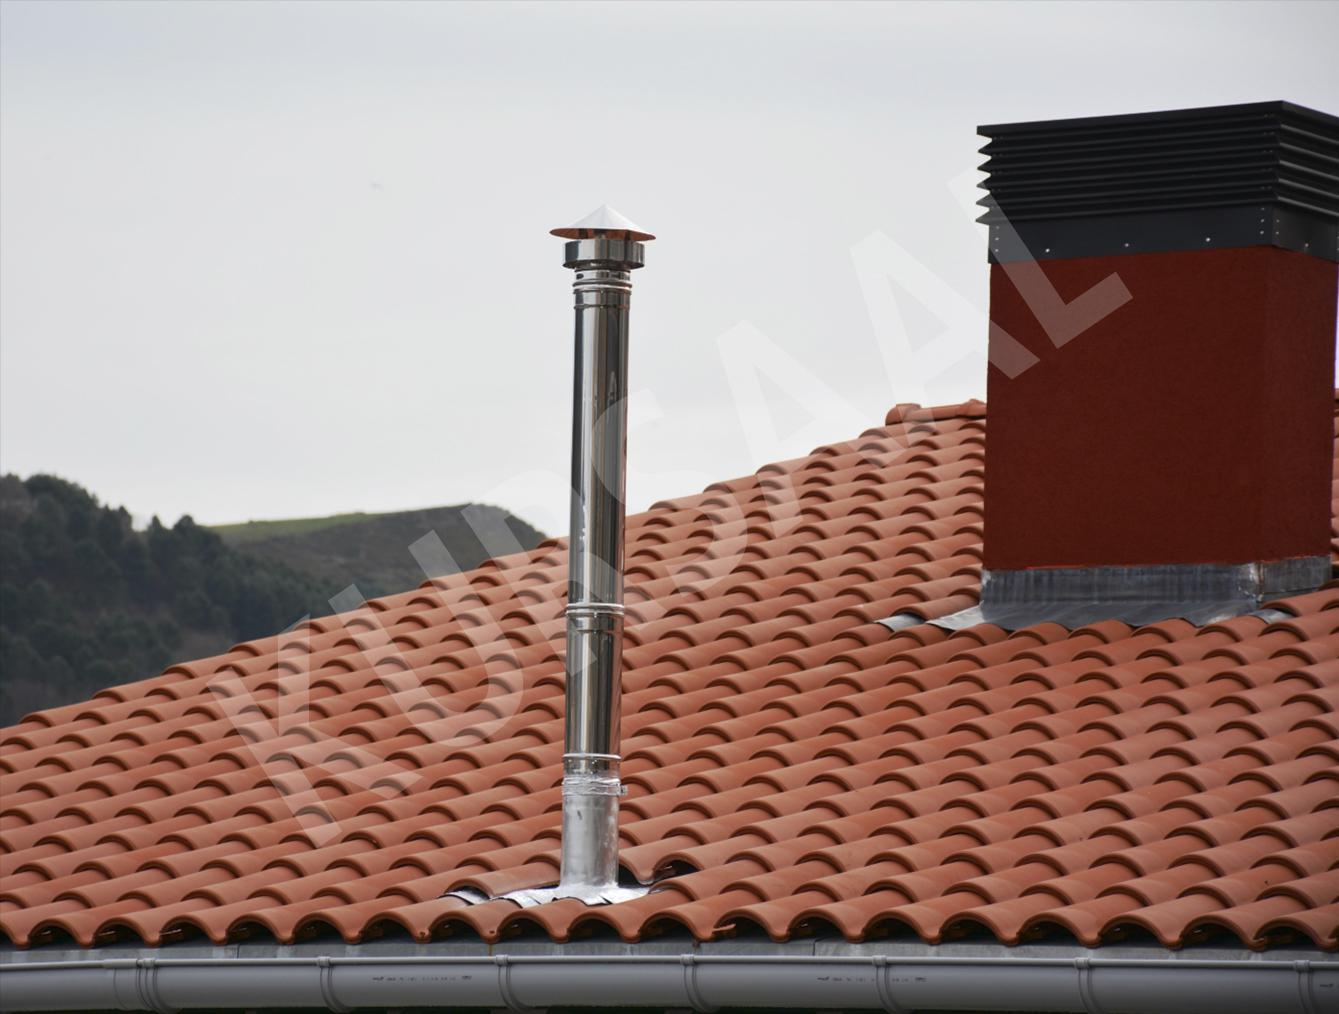 foto 12 - Aislamientos Térmicos y Eficiencia Energética-Calzada de Oleta 17-DONOSTIA